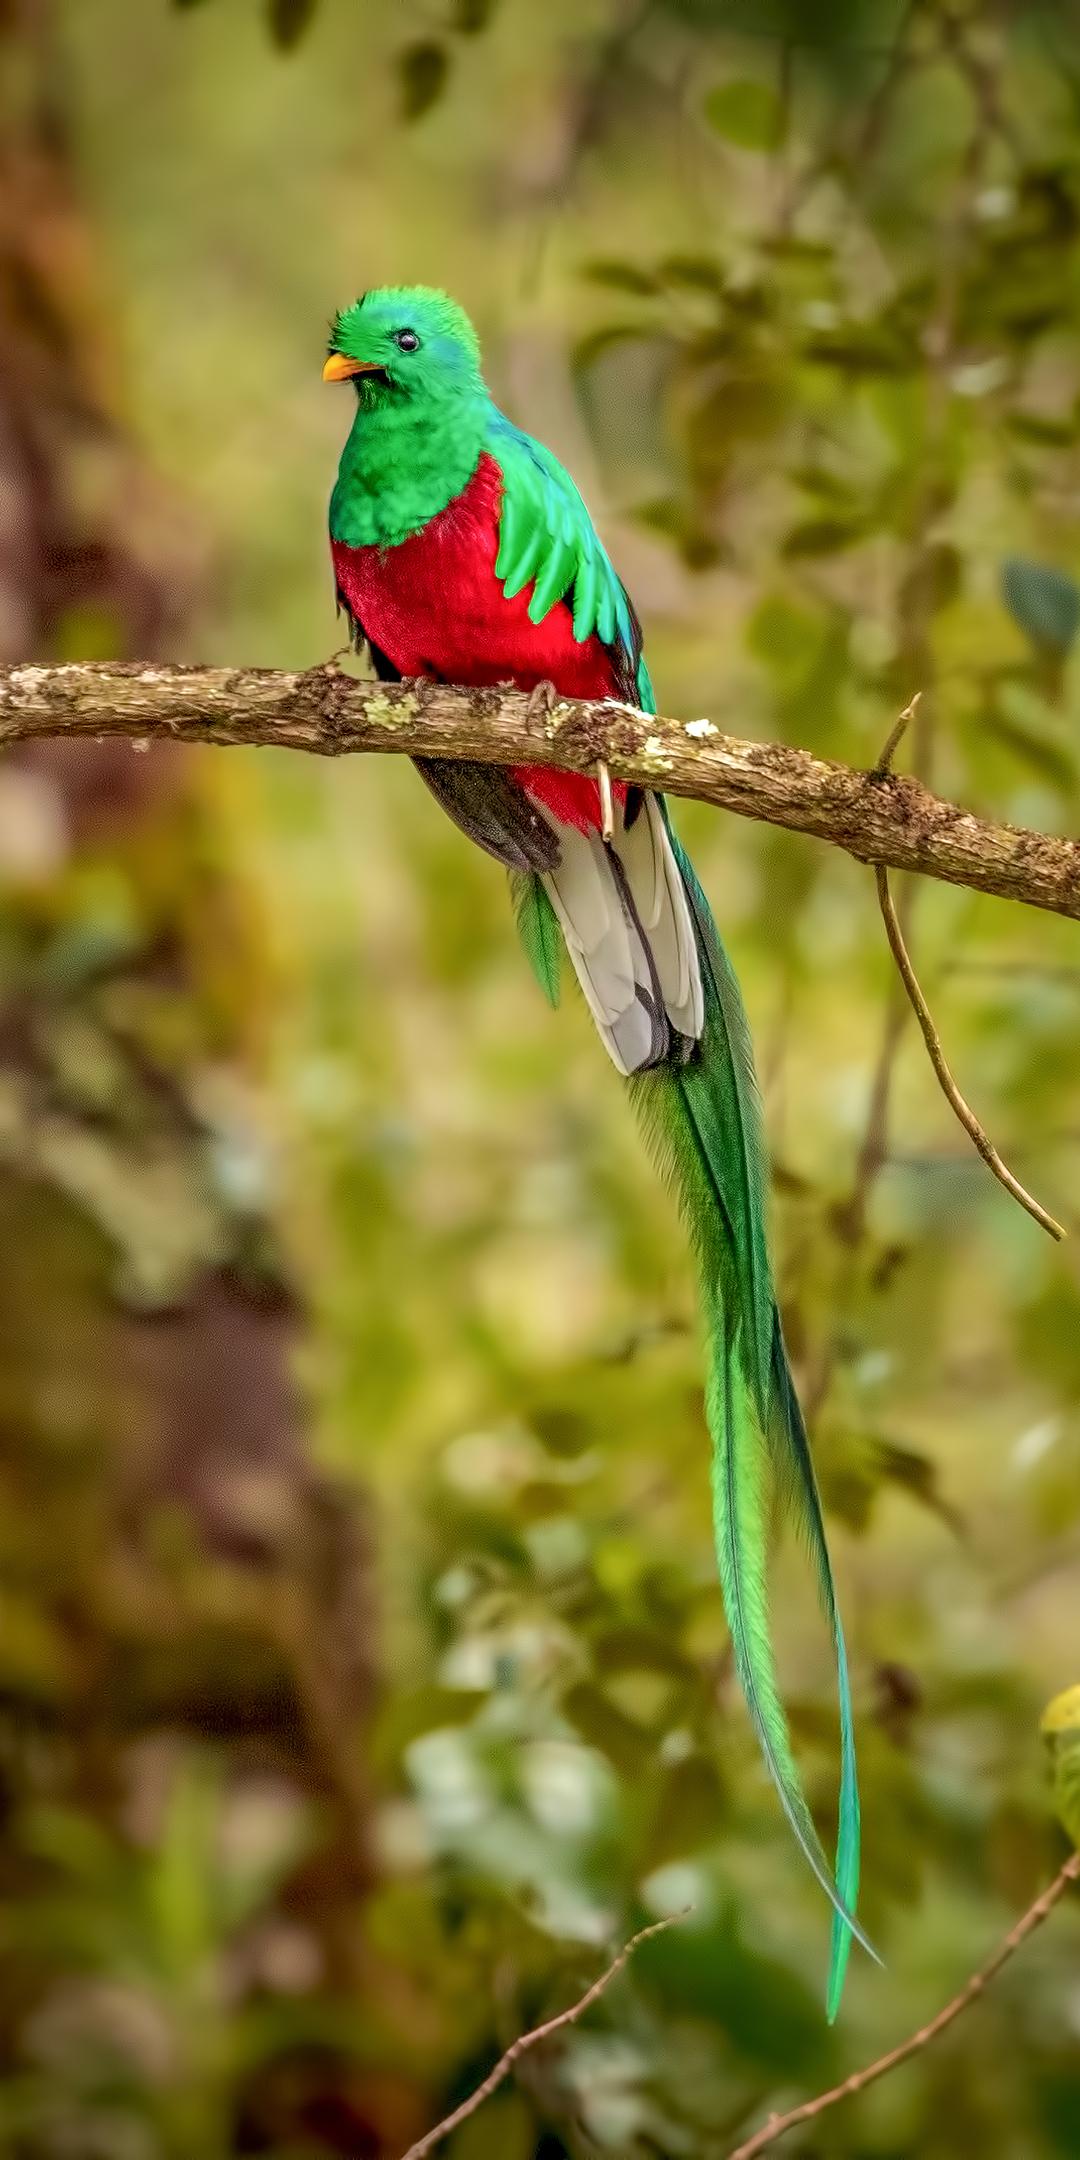 resplendent-quetzal-bird-4k-s4.jpg